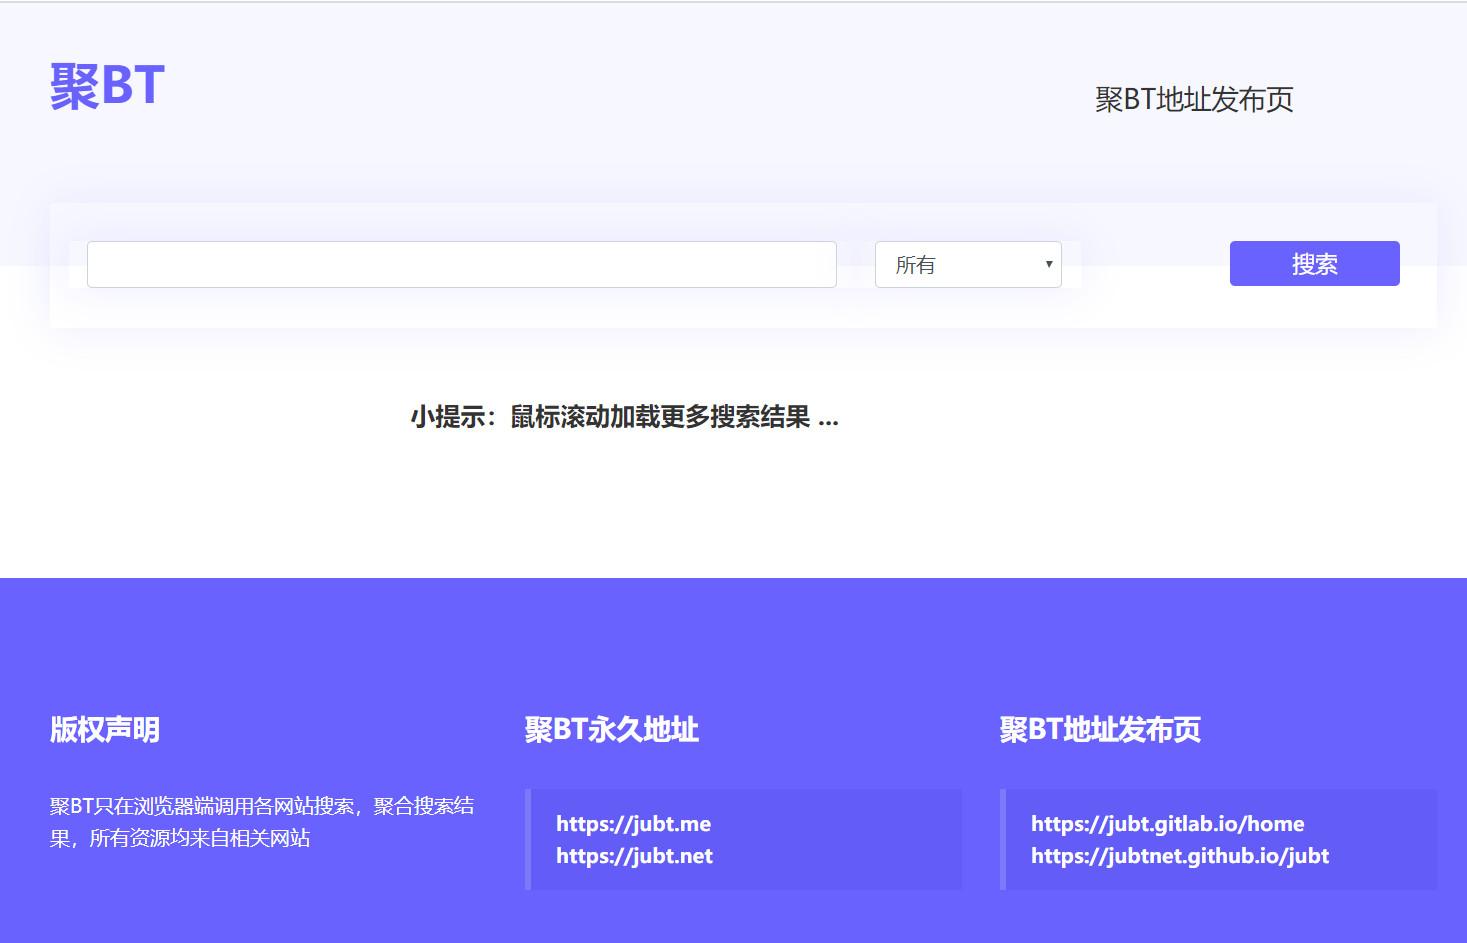 聚BT浏览器扩展 chrome webstore 审核通过了,请下载体验